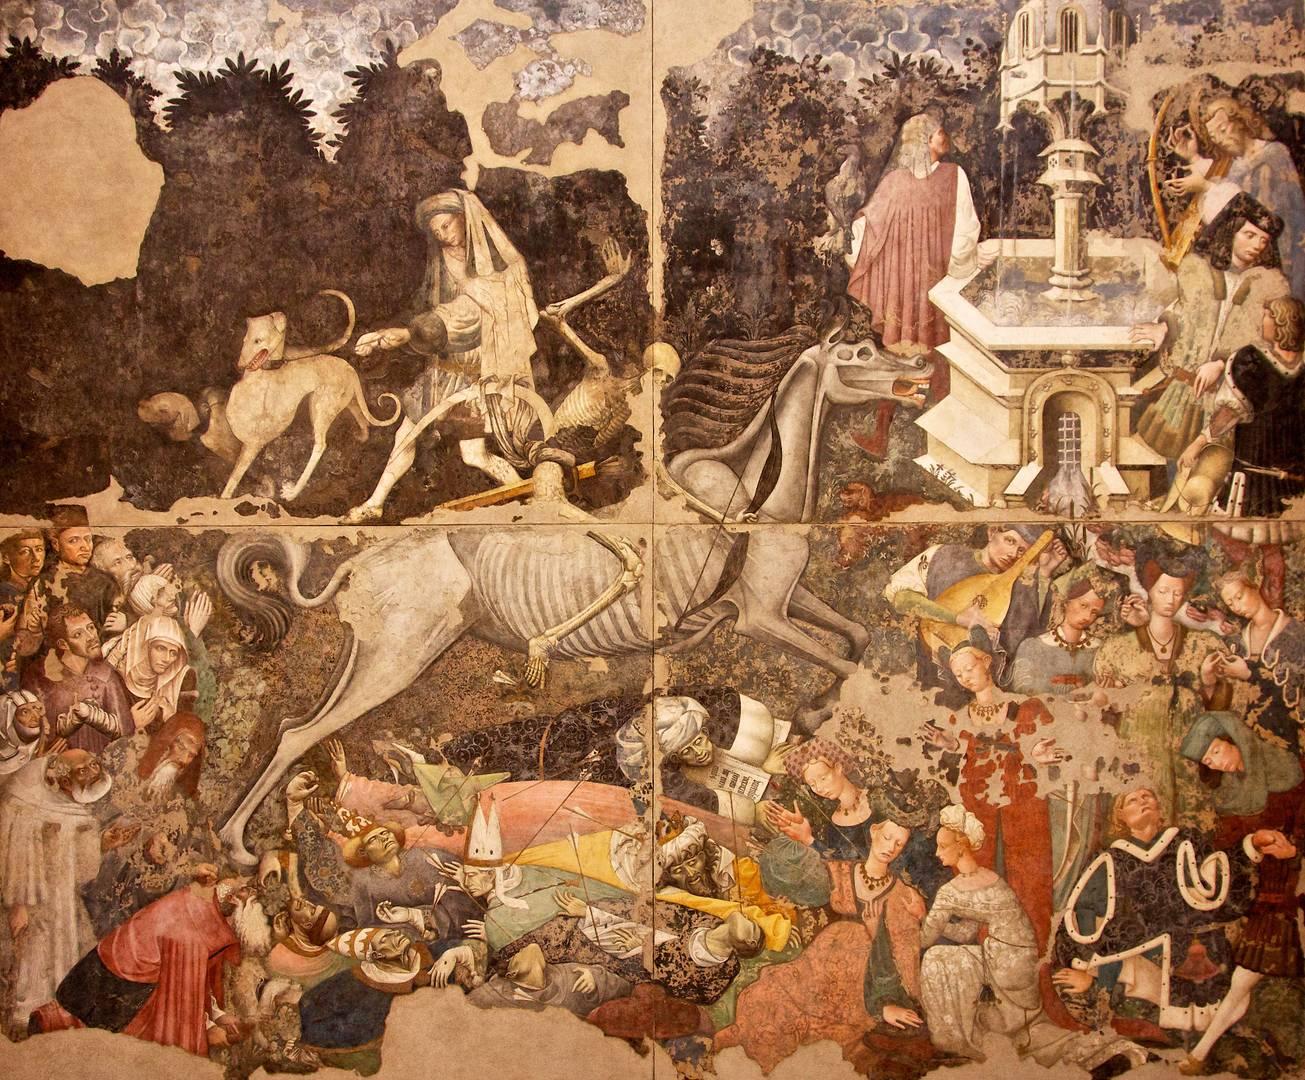 Триумф смерти. Фреска в палаццо Склафани, Палермо. 1446